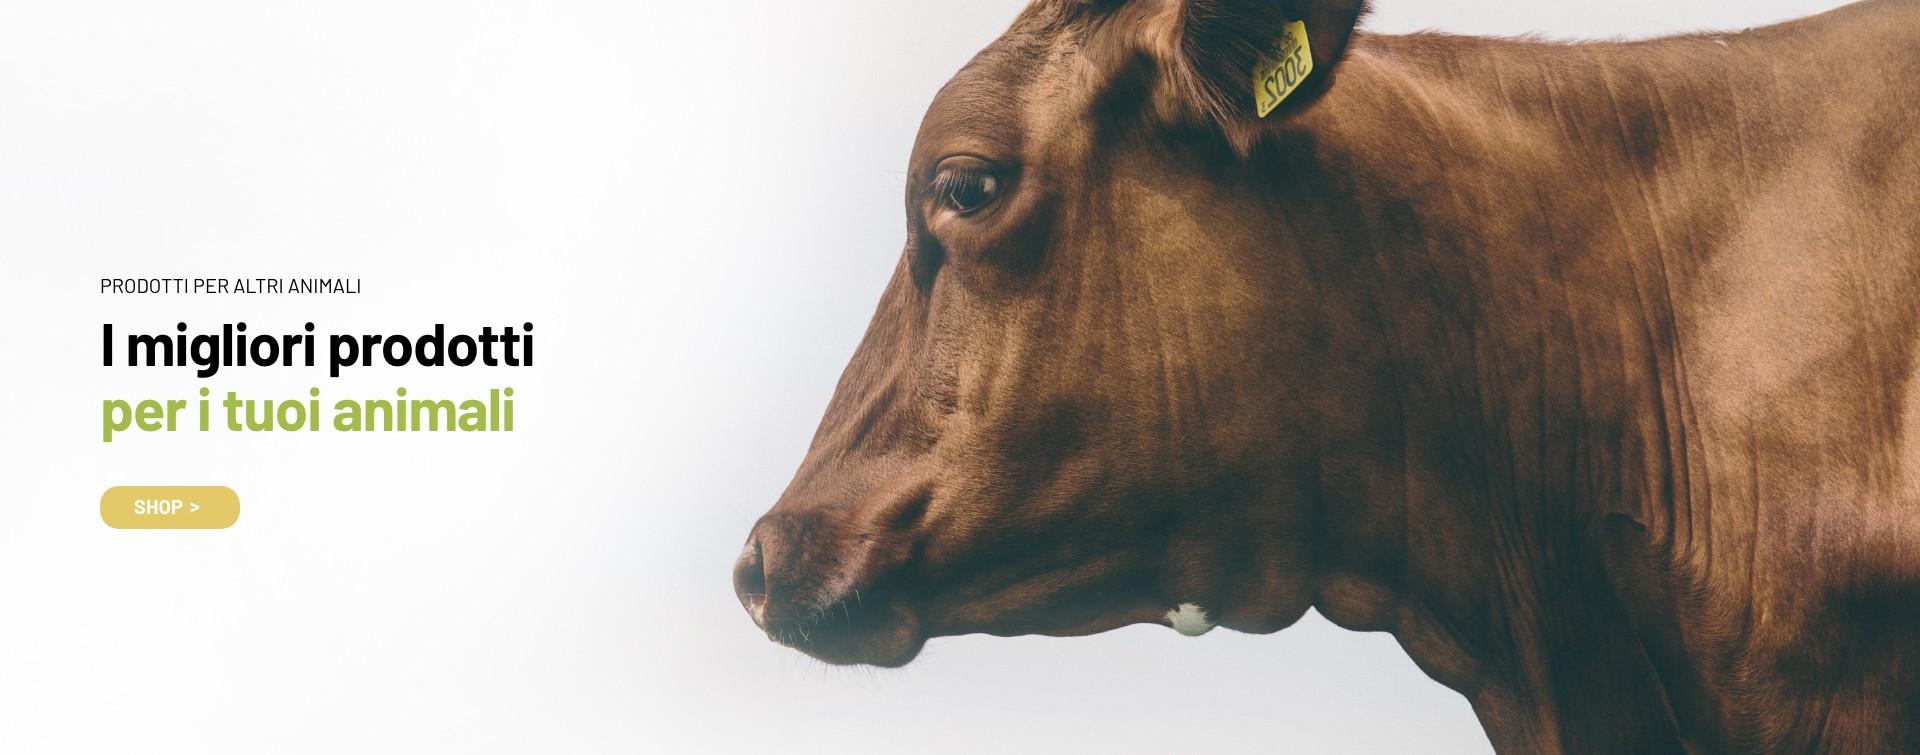 Prodotti per altri animali